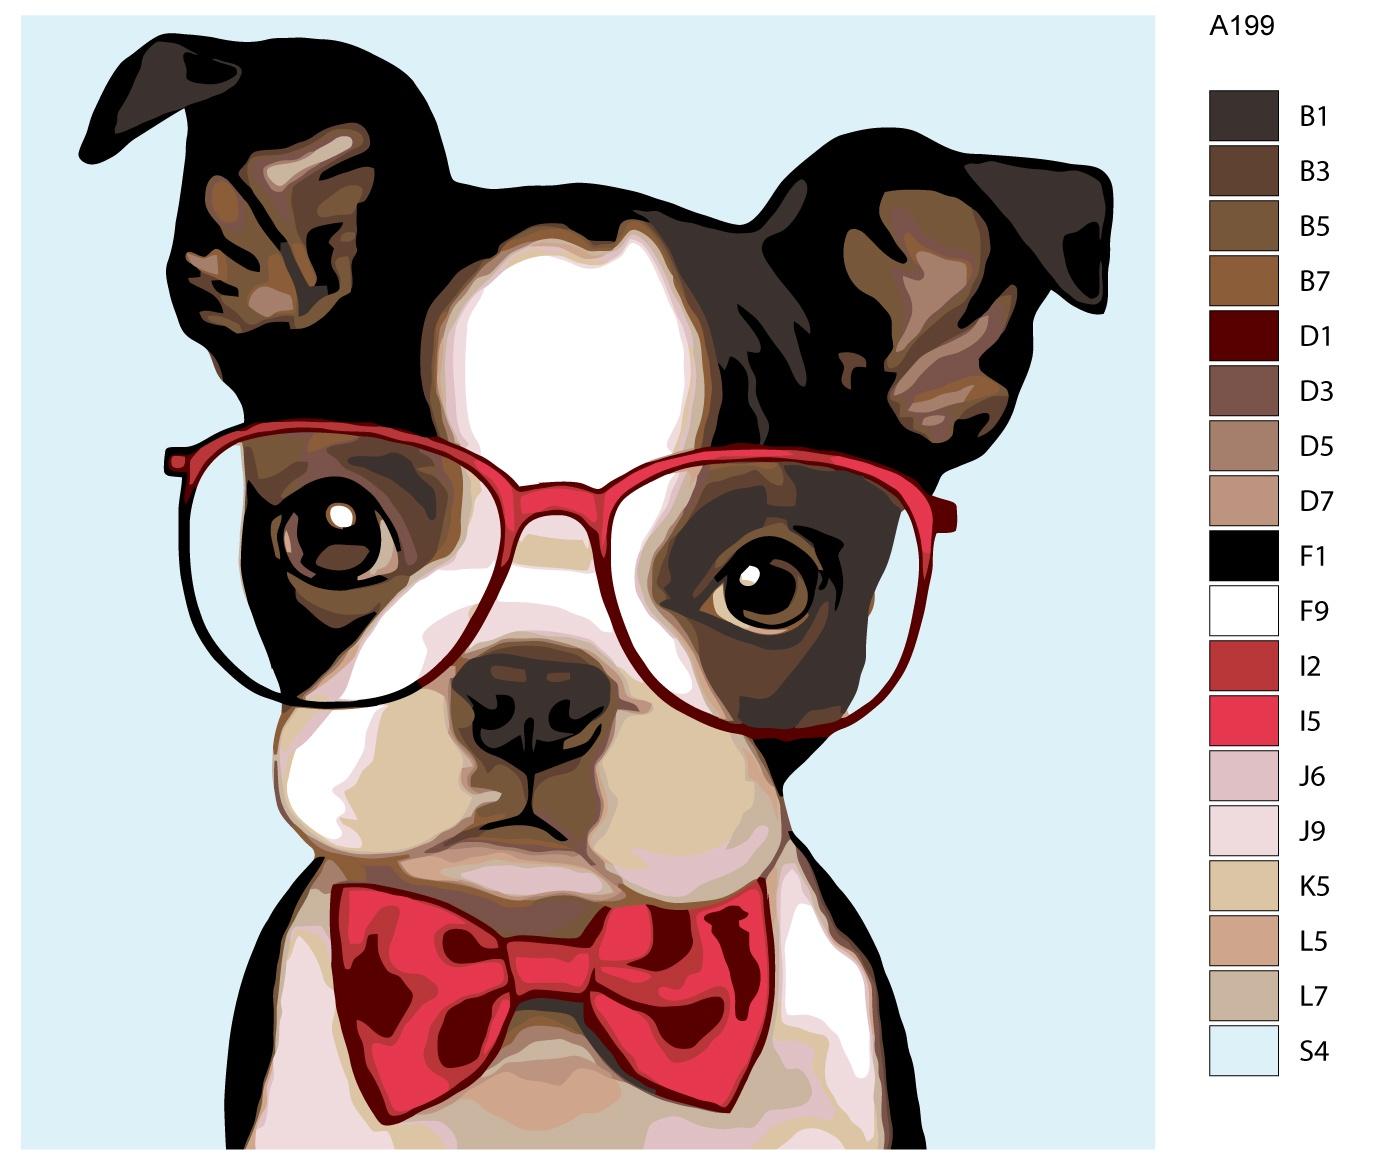 Конем, картинки смешных собак нарисованных